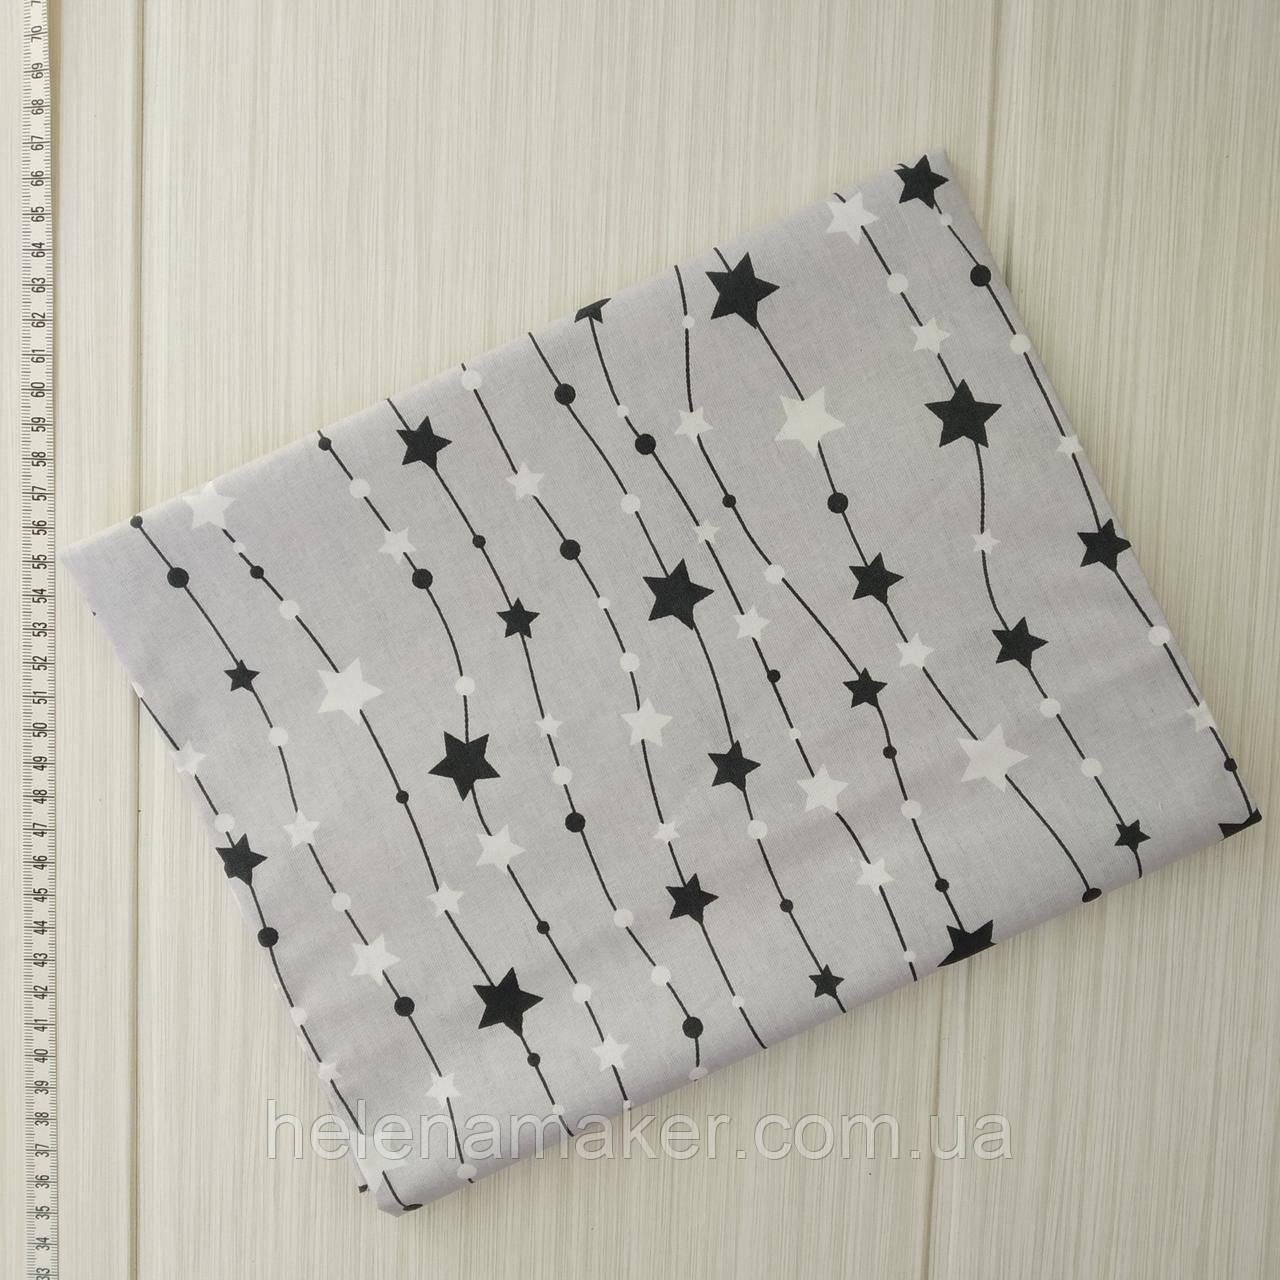 Отрез ткани Гирлянда из звездочек на сером фоне 50*50 см